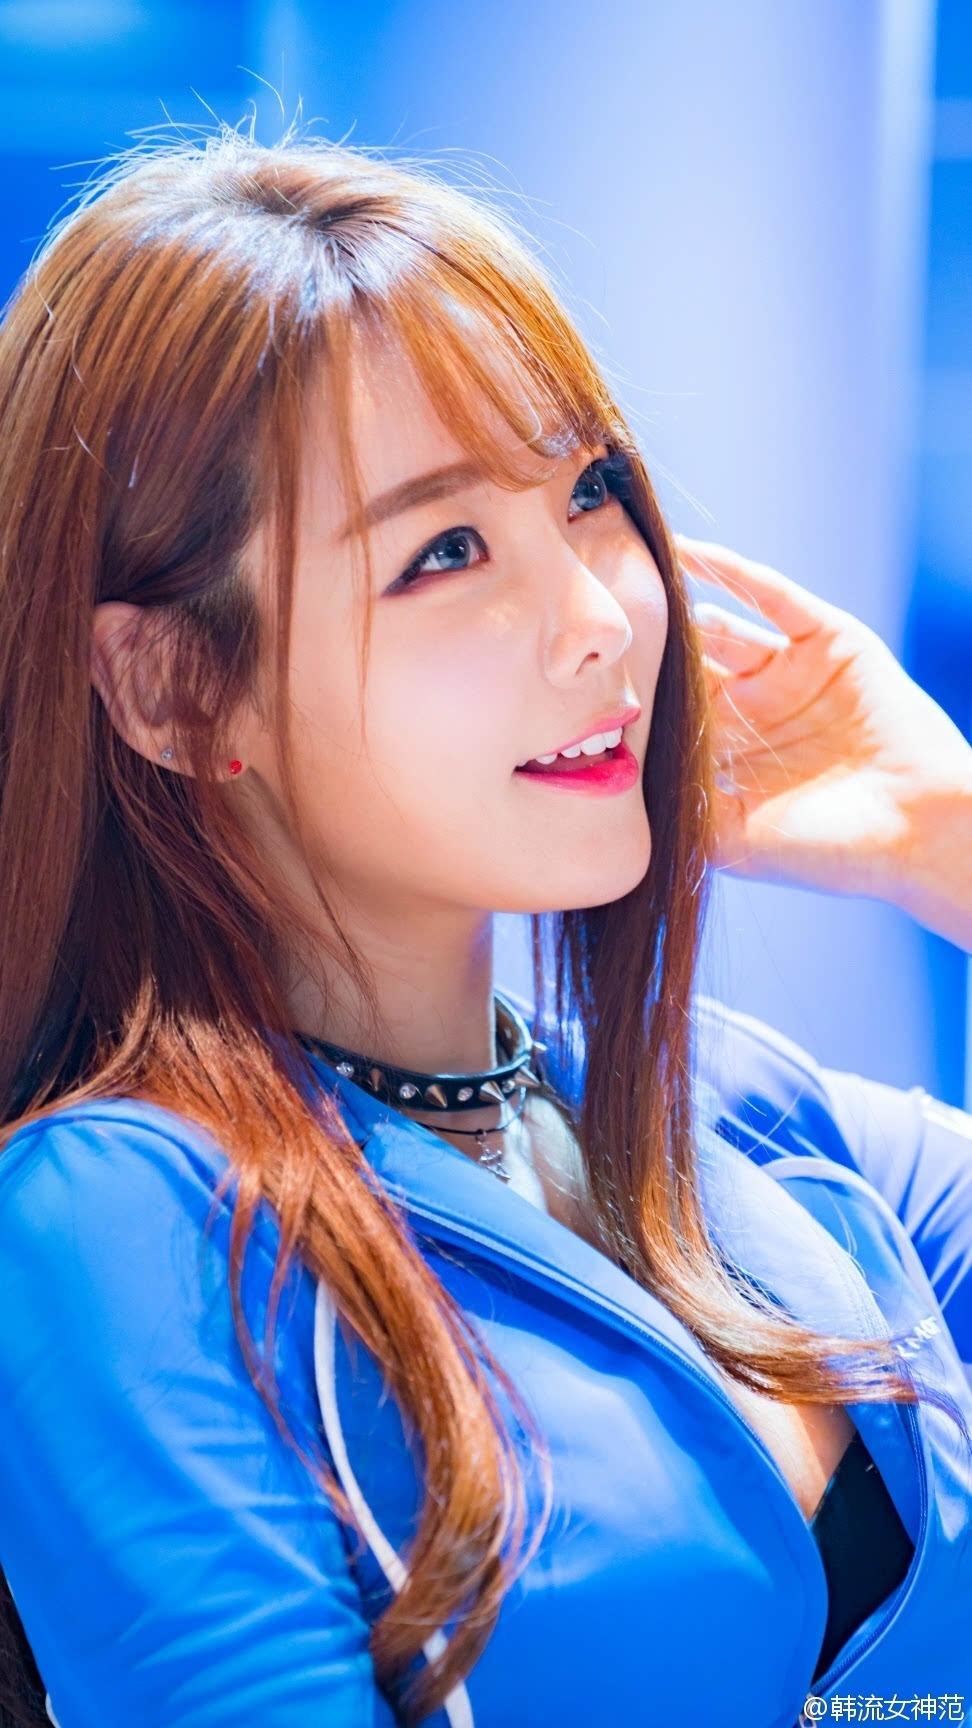 韩国漂亮脸蛋美女模特吐舌头